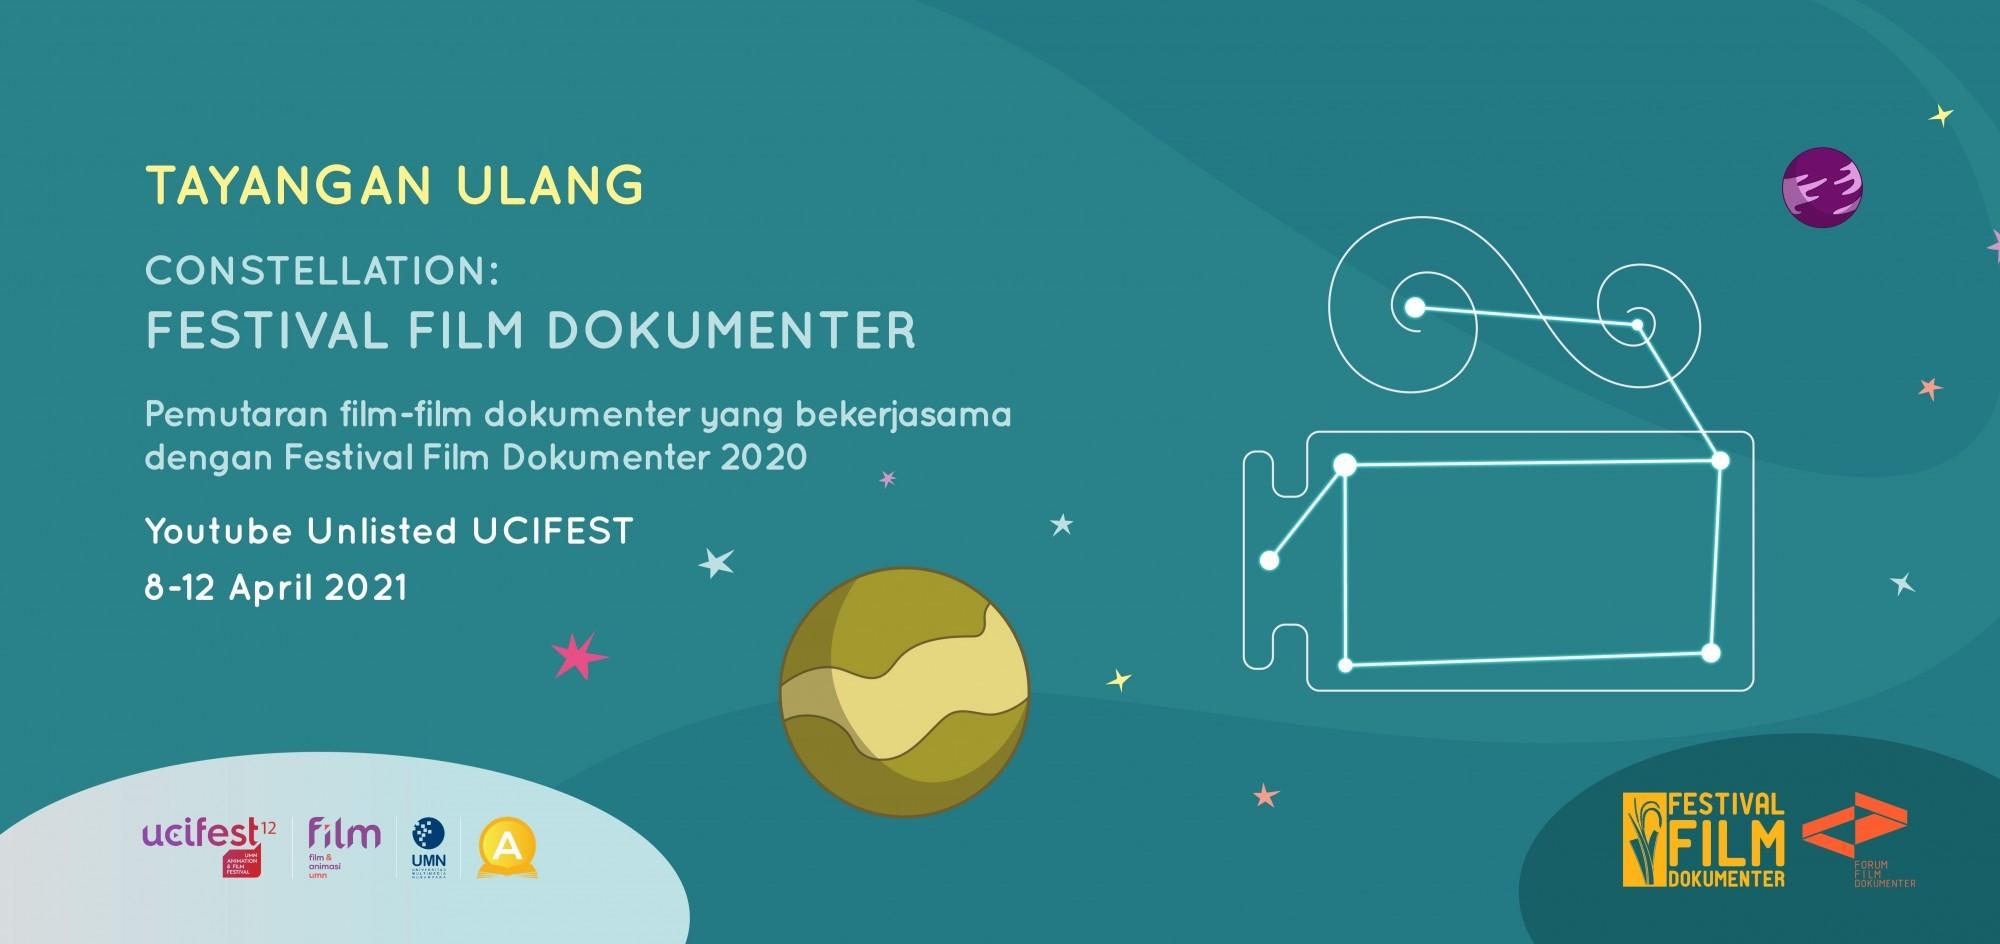 TAYANGAN ULANG PEMUTARAN CONSTELLATION: FESTIVAL FILM DOKUMENTER